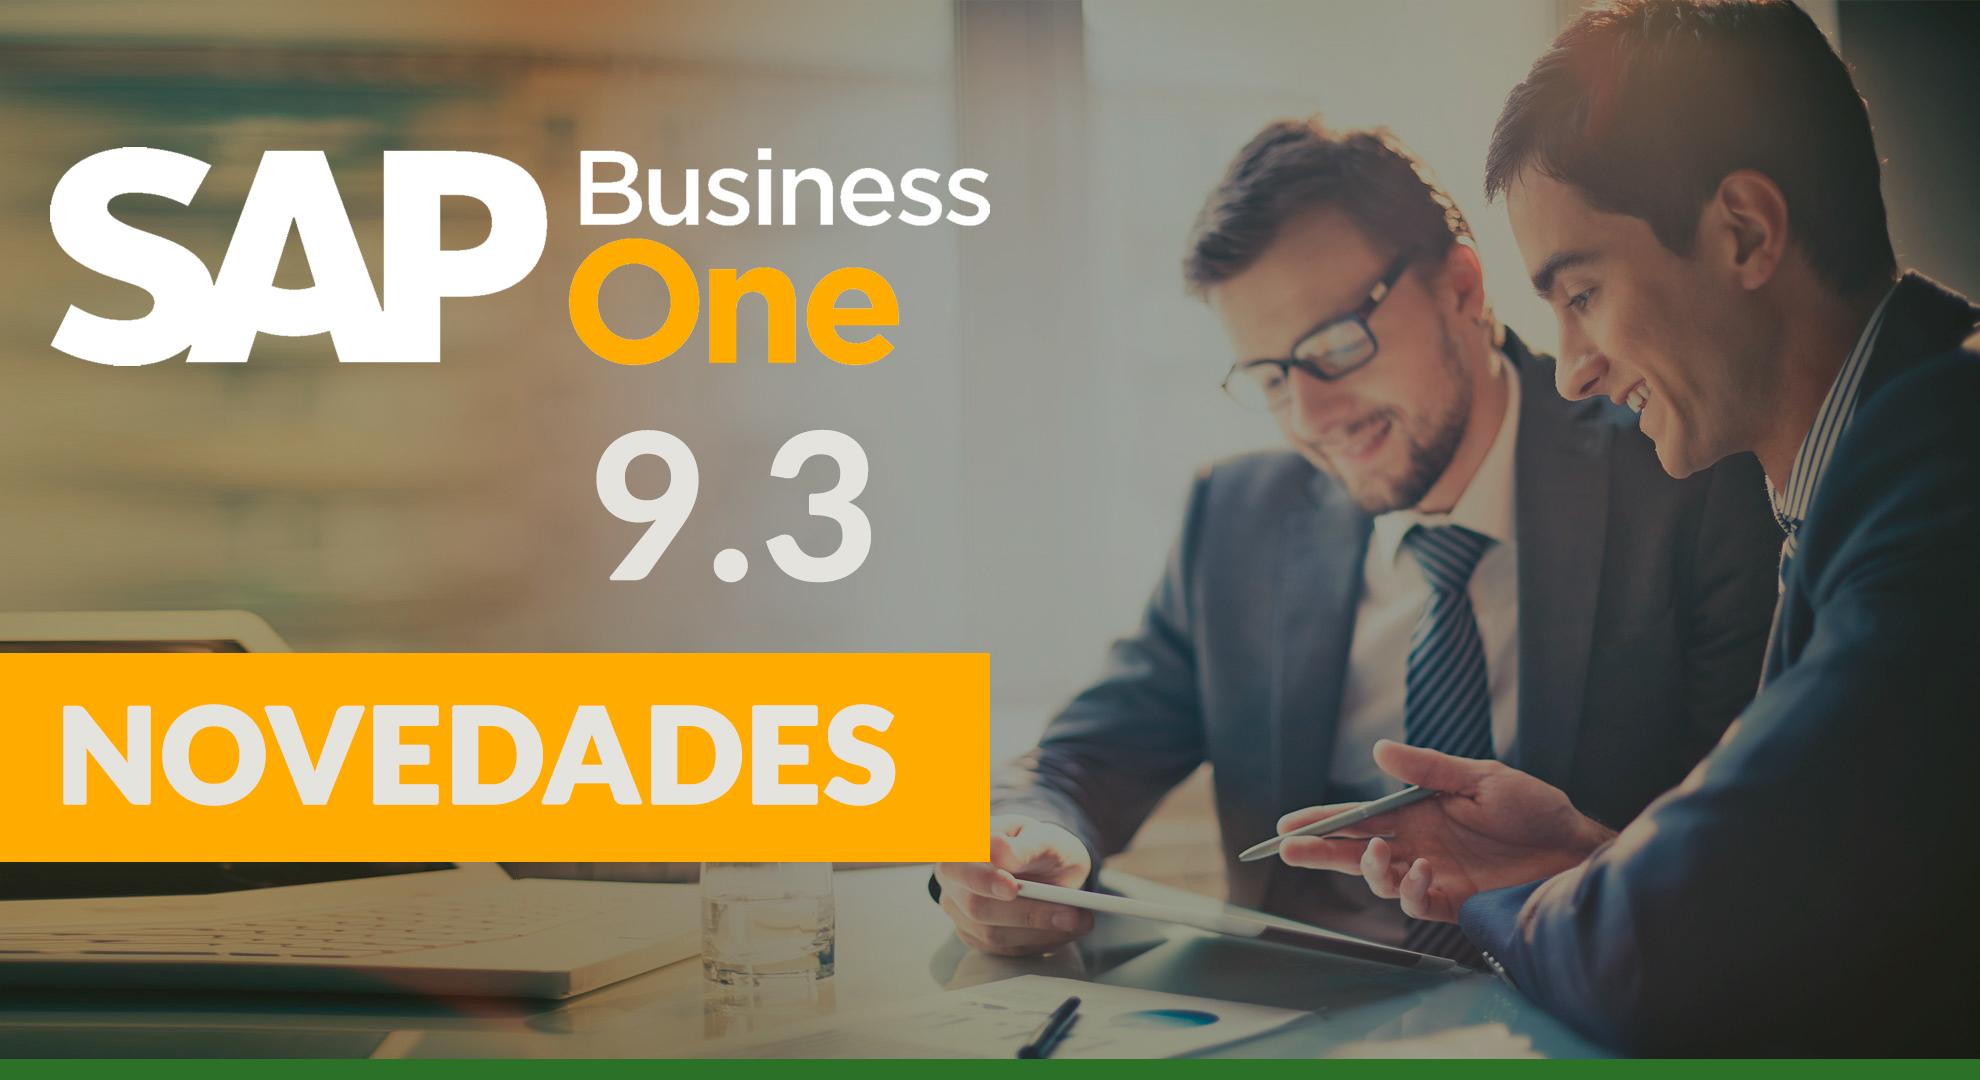 NOVEDADES-9-3